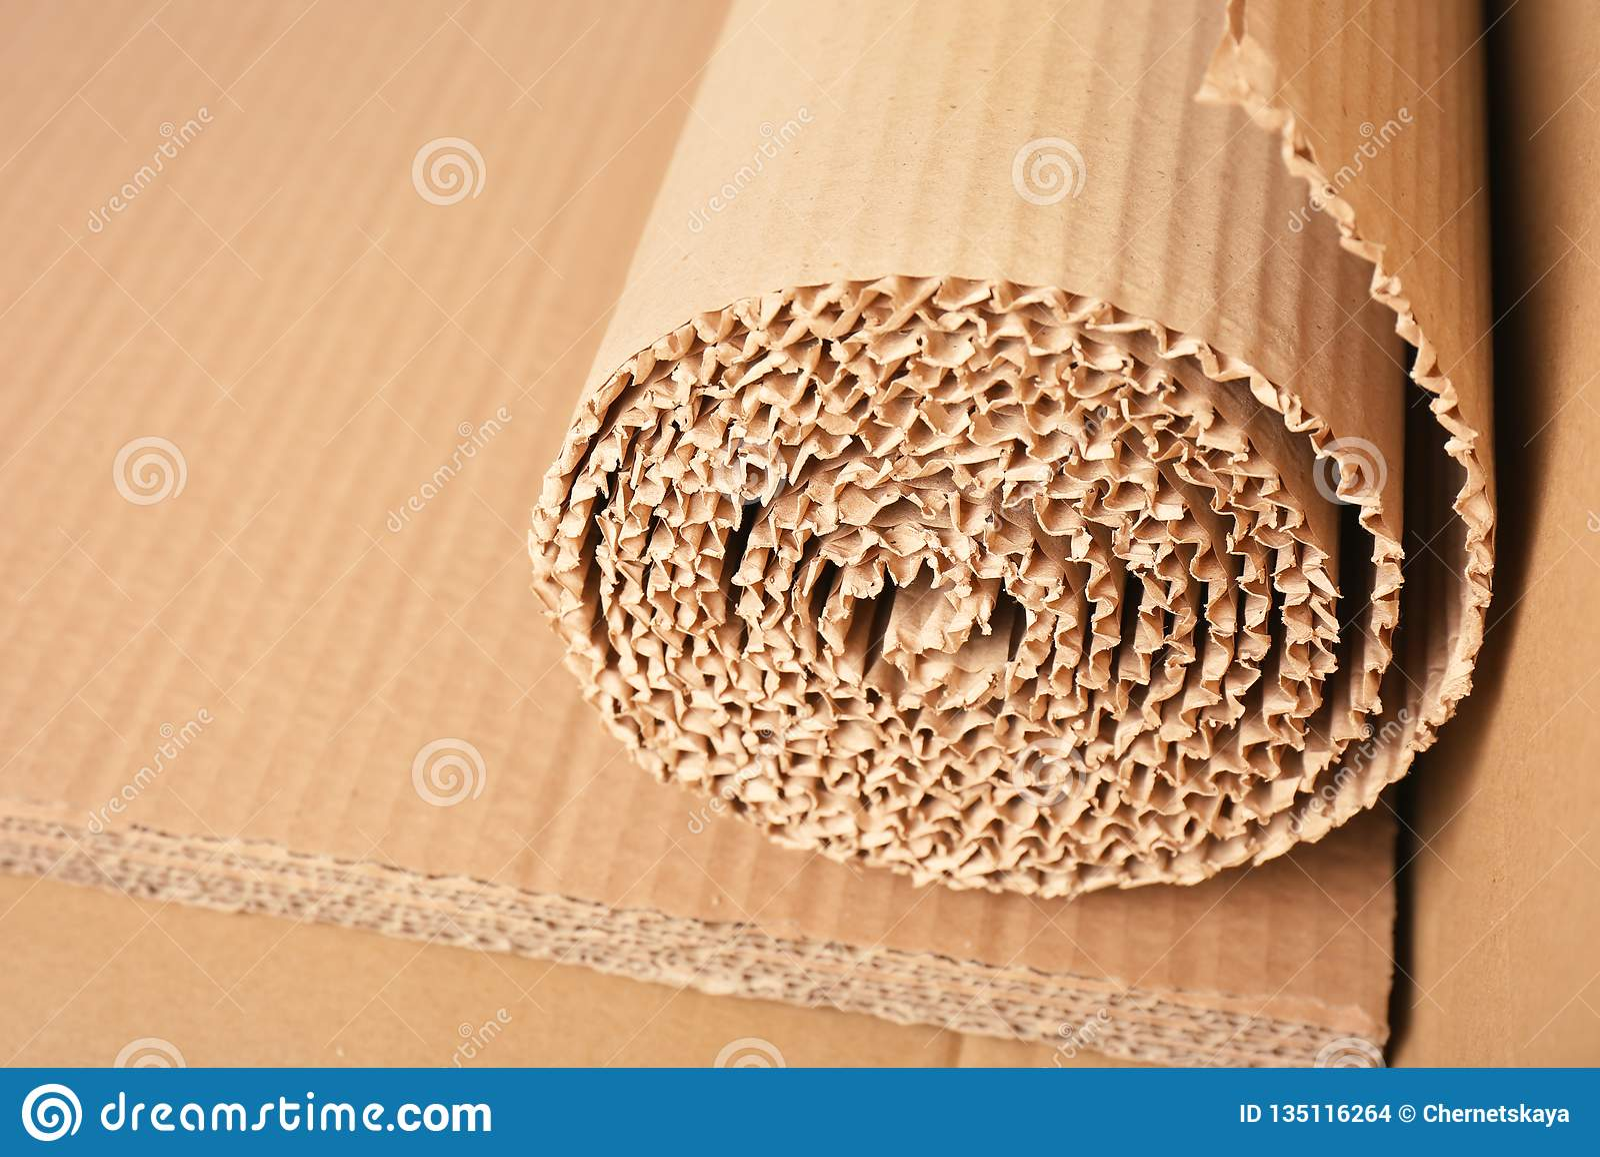 Rotolo di cartone ondulato marrone, primo piano